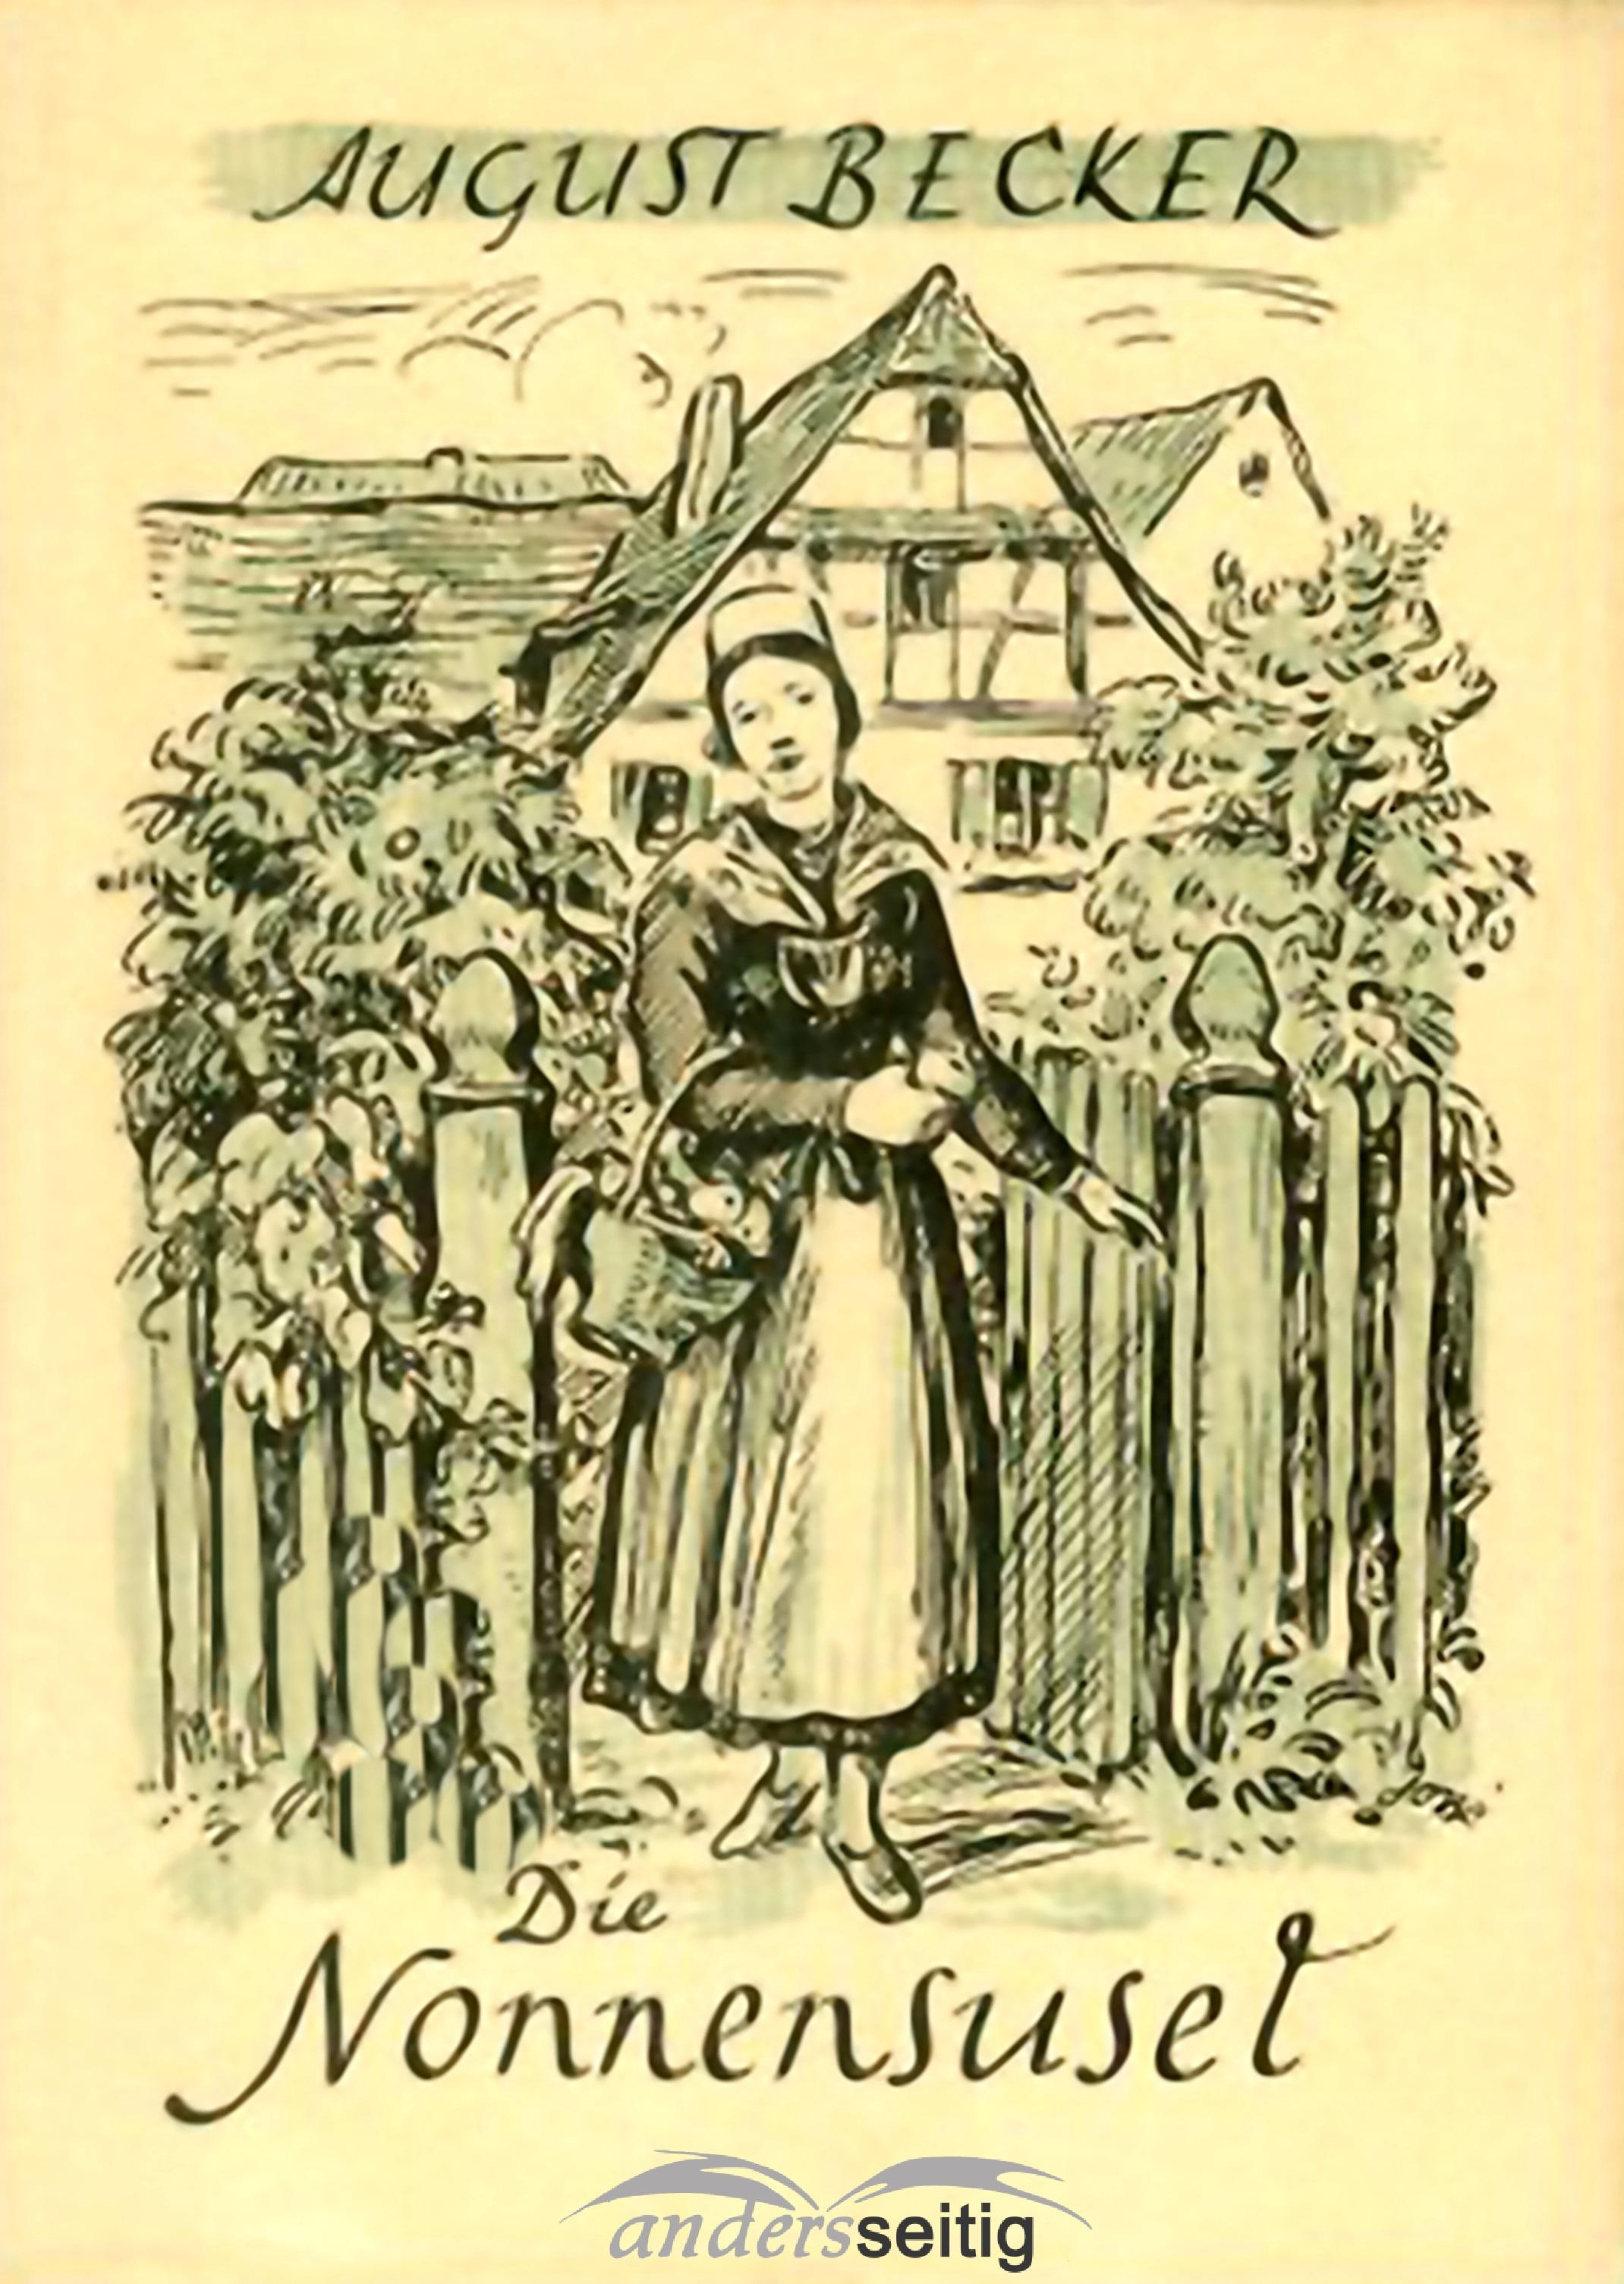 August Becker Die Nonnensusel